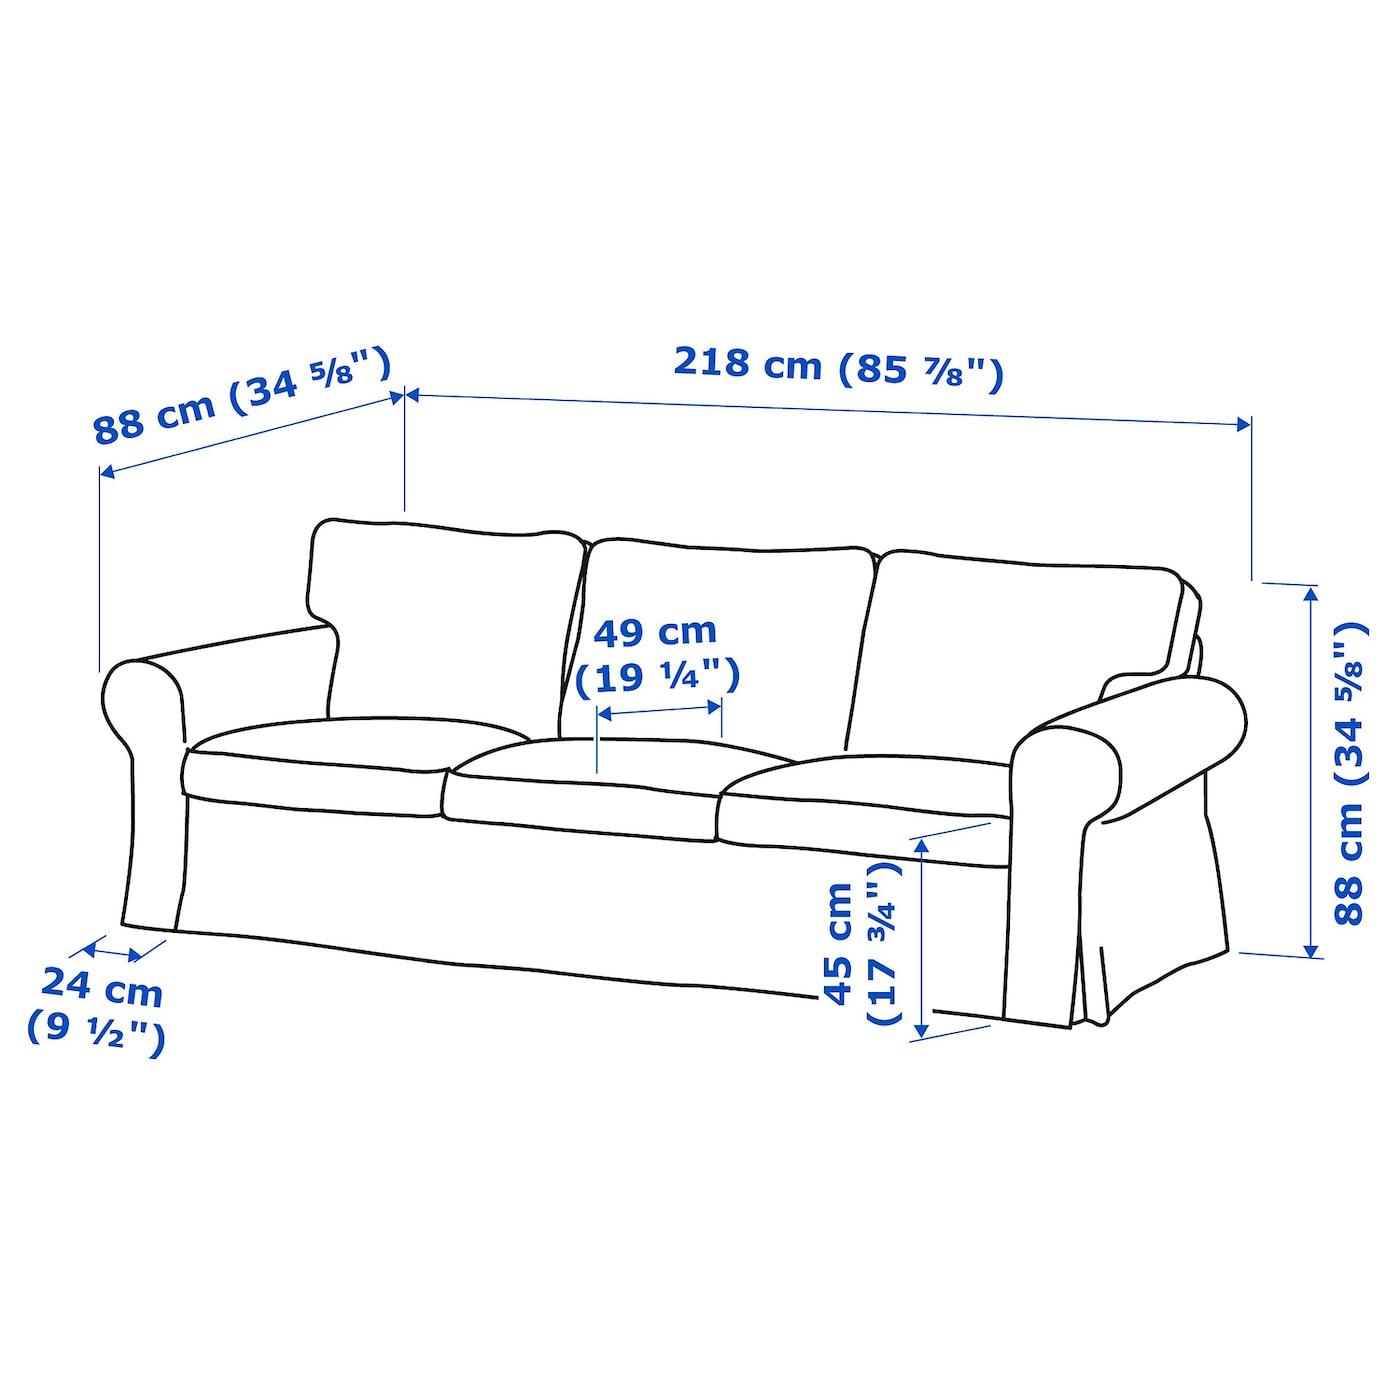 Ektorp 2 5 Zits Slaapbank.Ektorp 3 Seat Sofa Tallmyra White Black Ikea